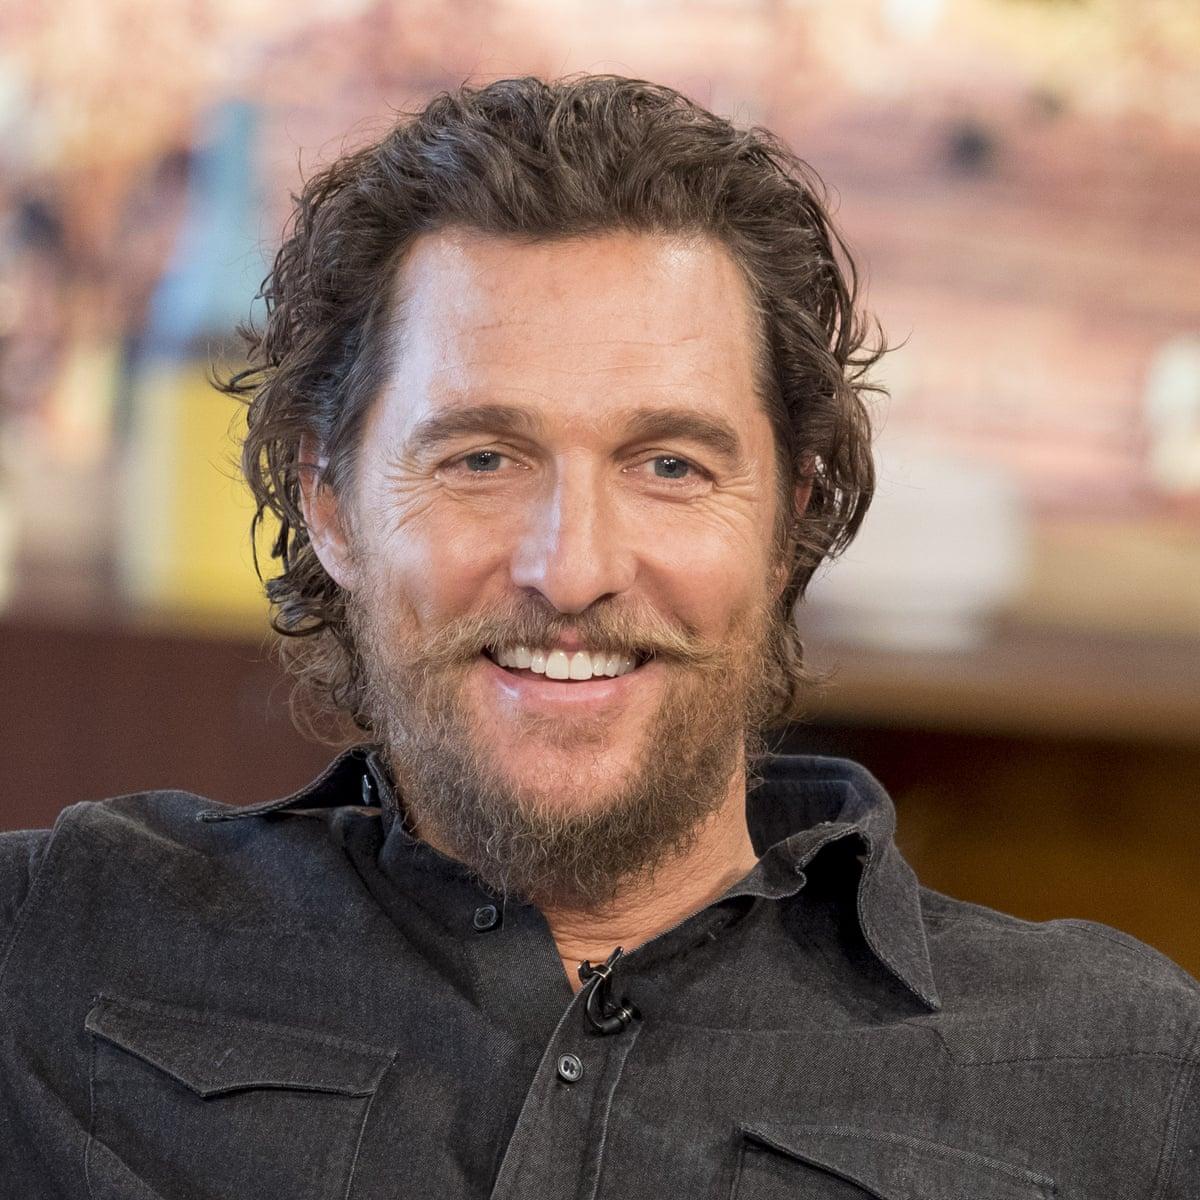 Matthew McConaughey Wiki 2021: Net Worth, Height, Weight